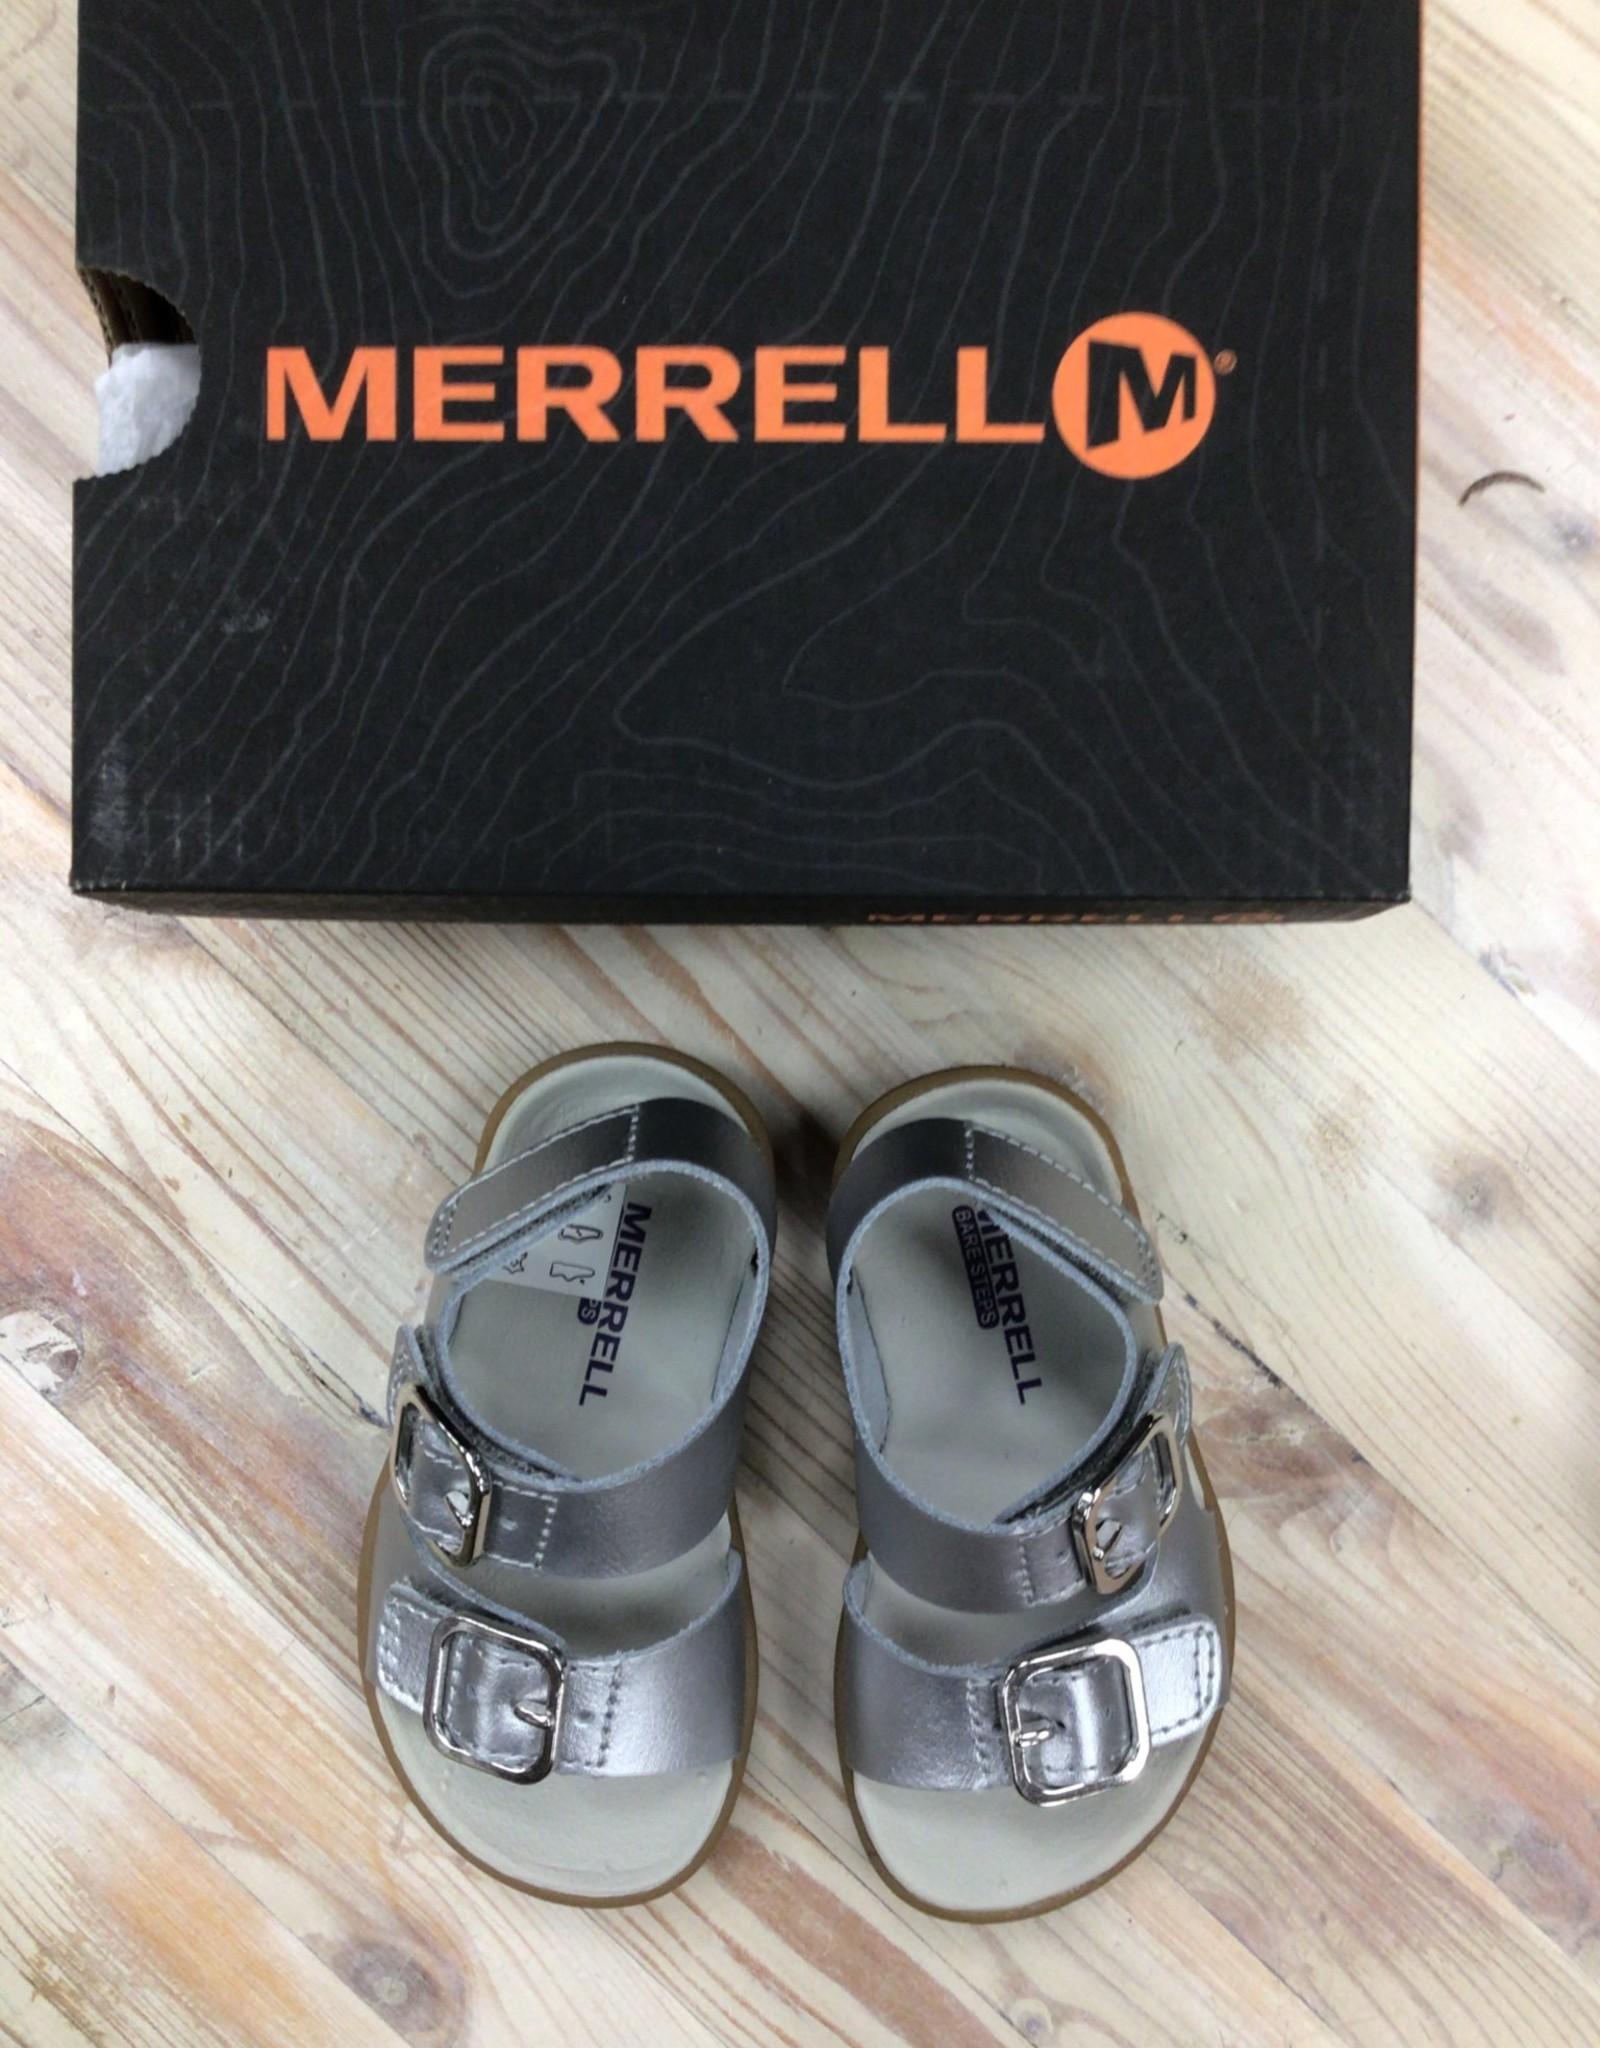 Merrell Merrell Bare Steps Sandals Kids'